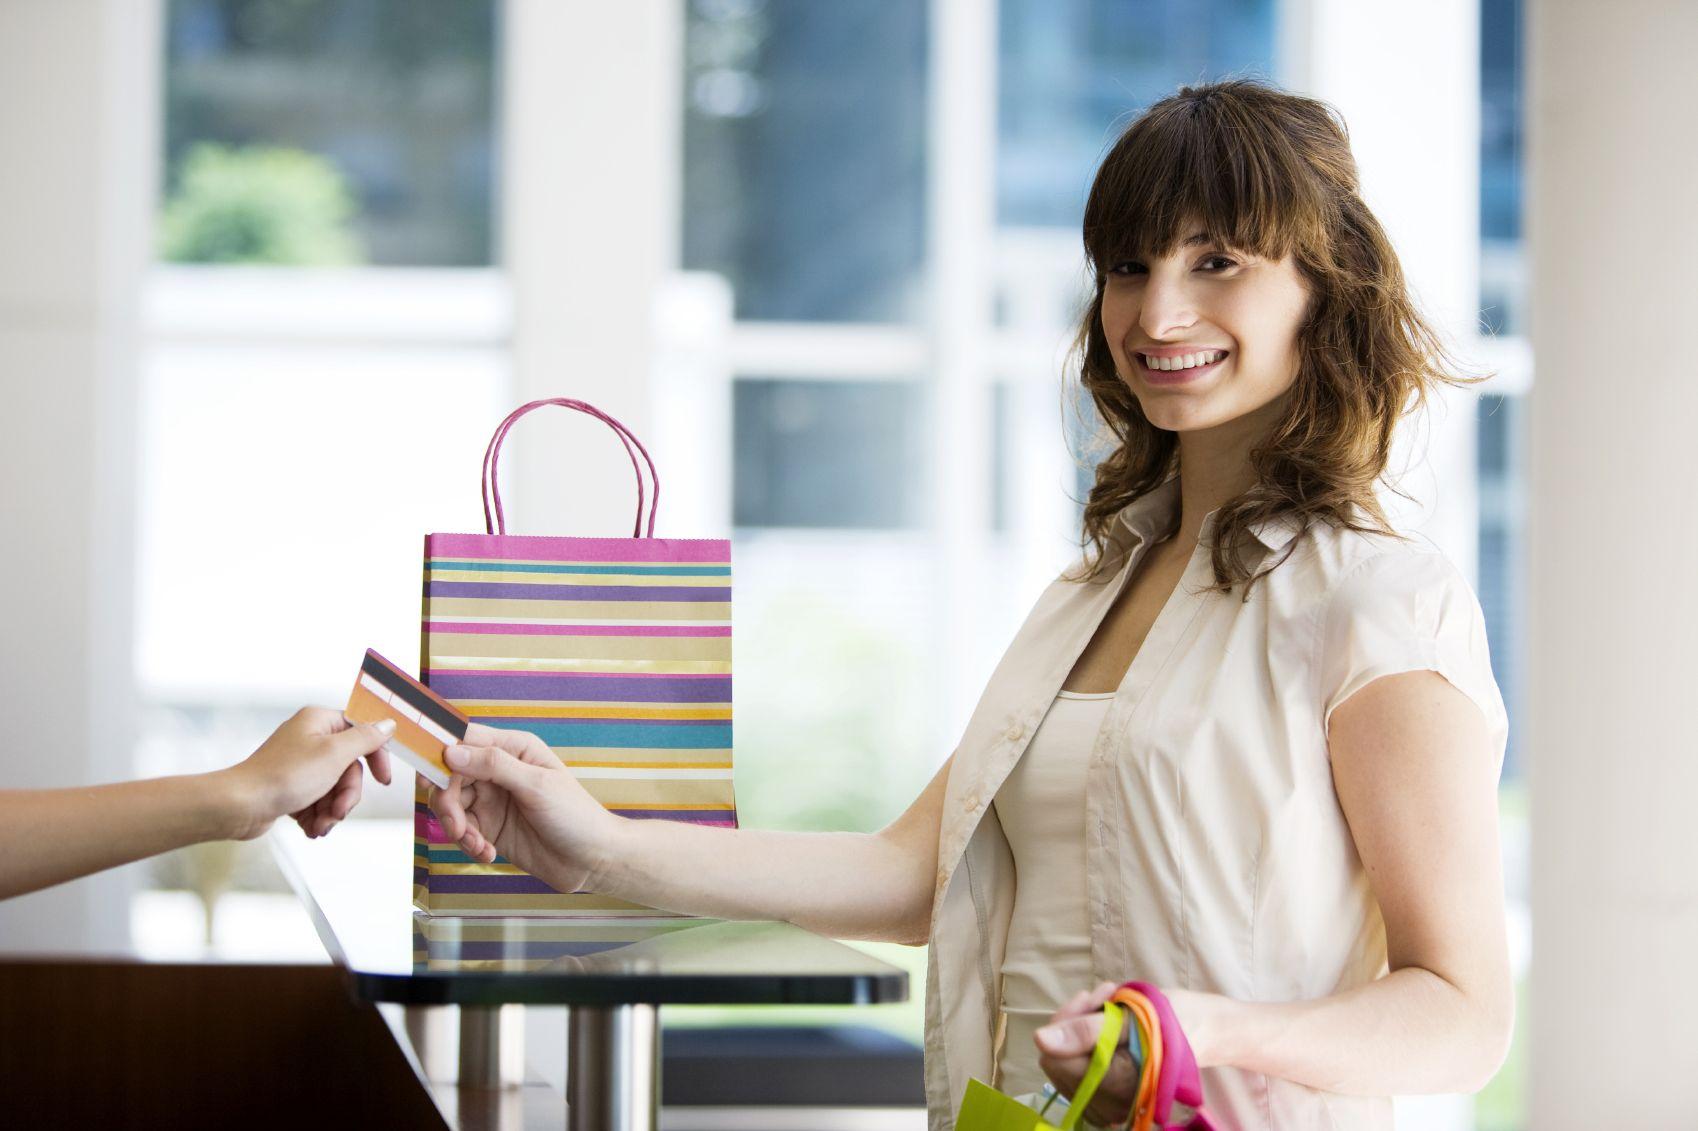 mujer comprando con tarjeta Rewards